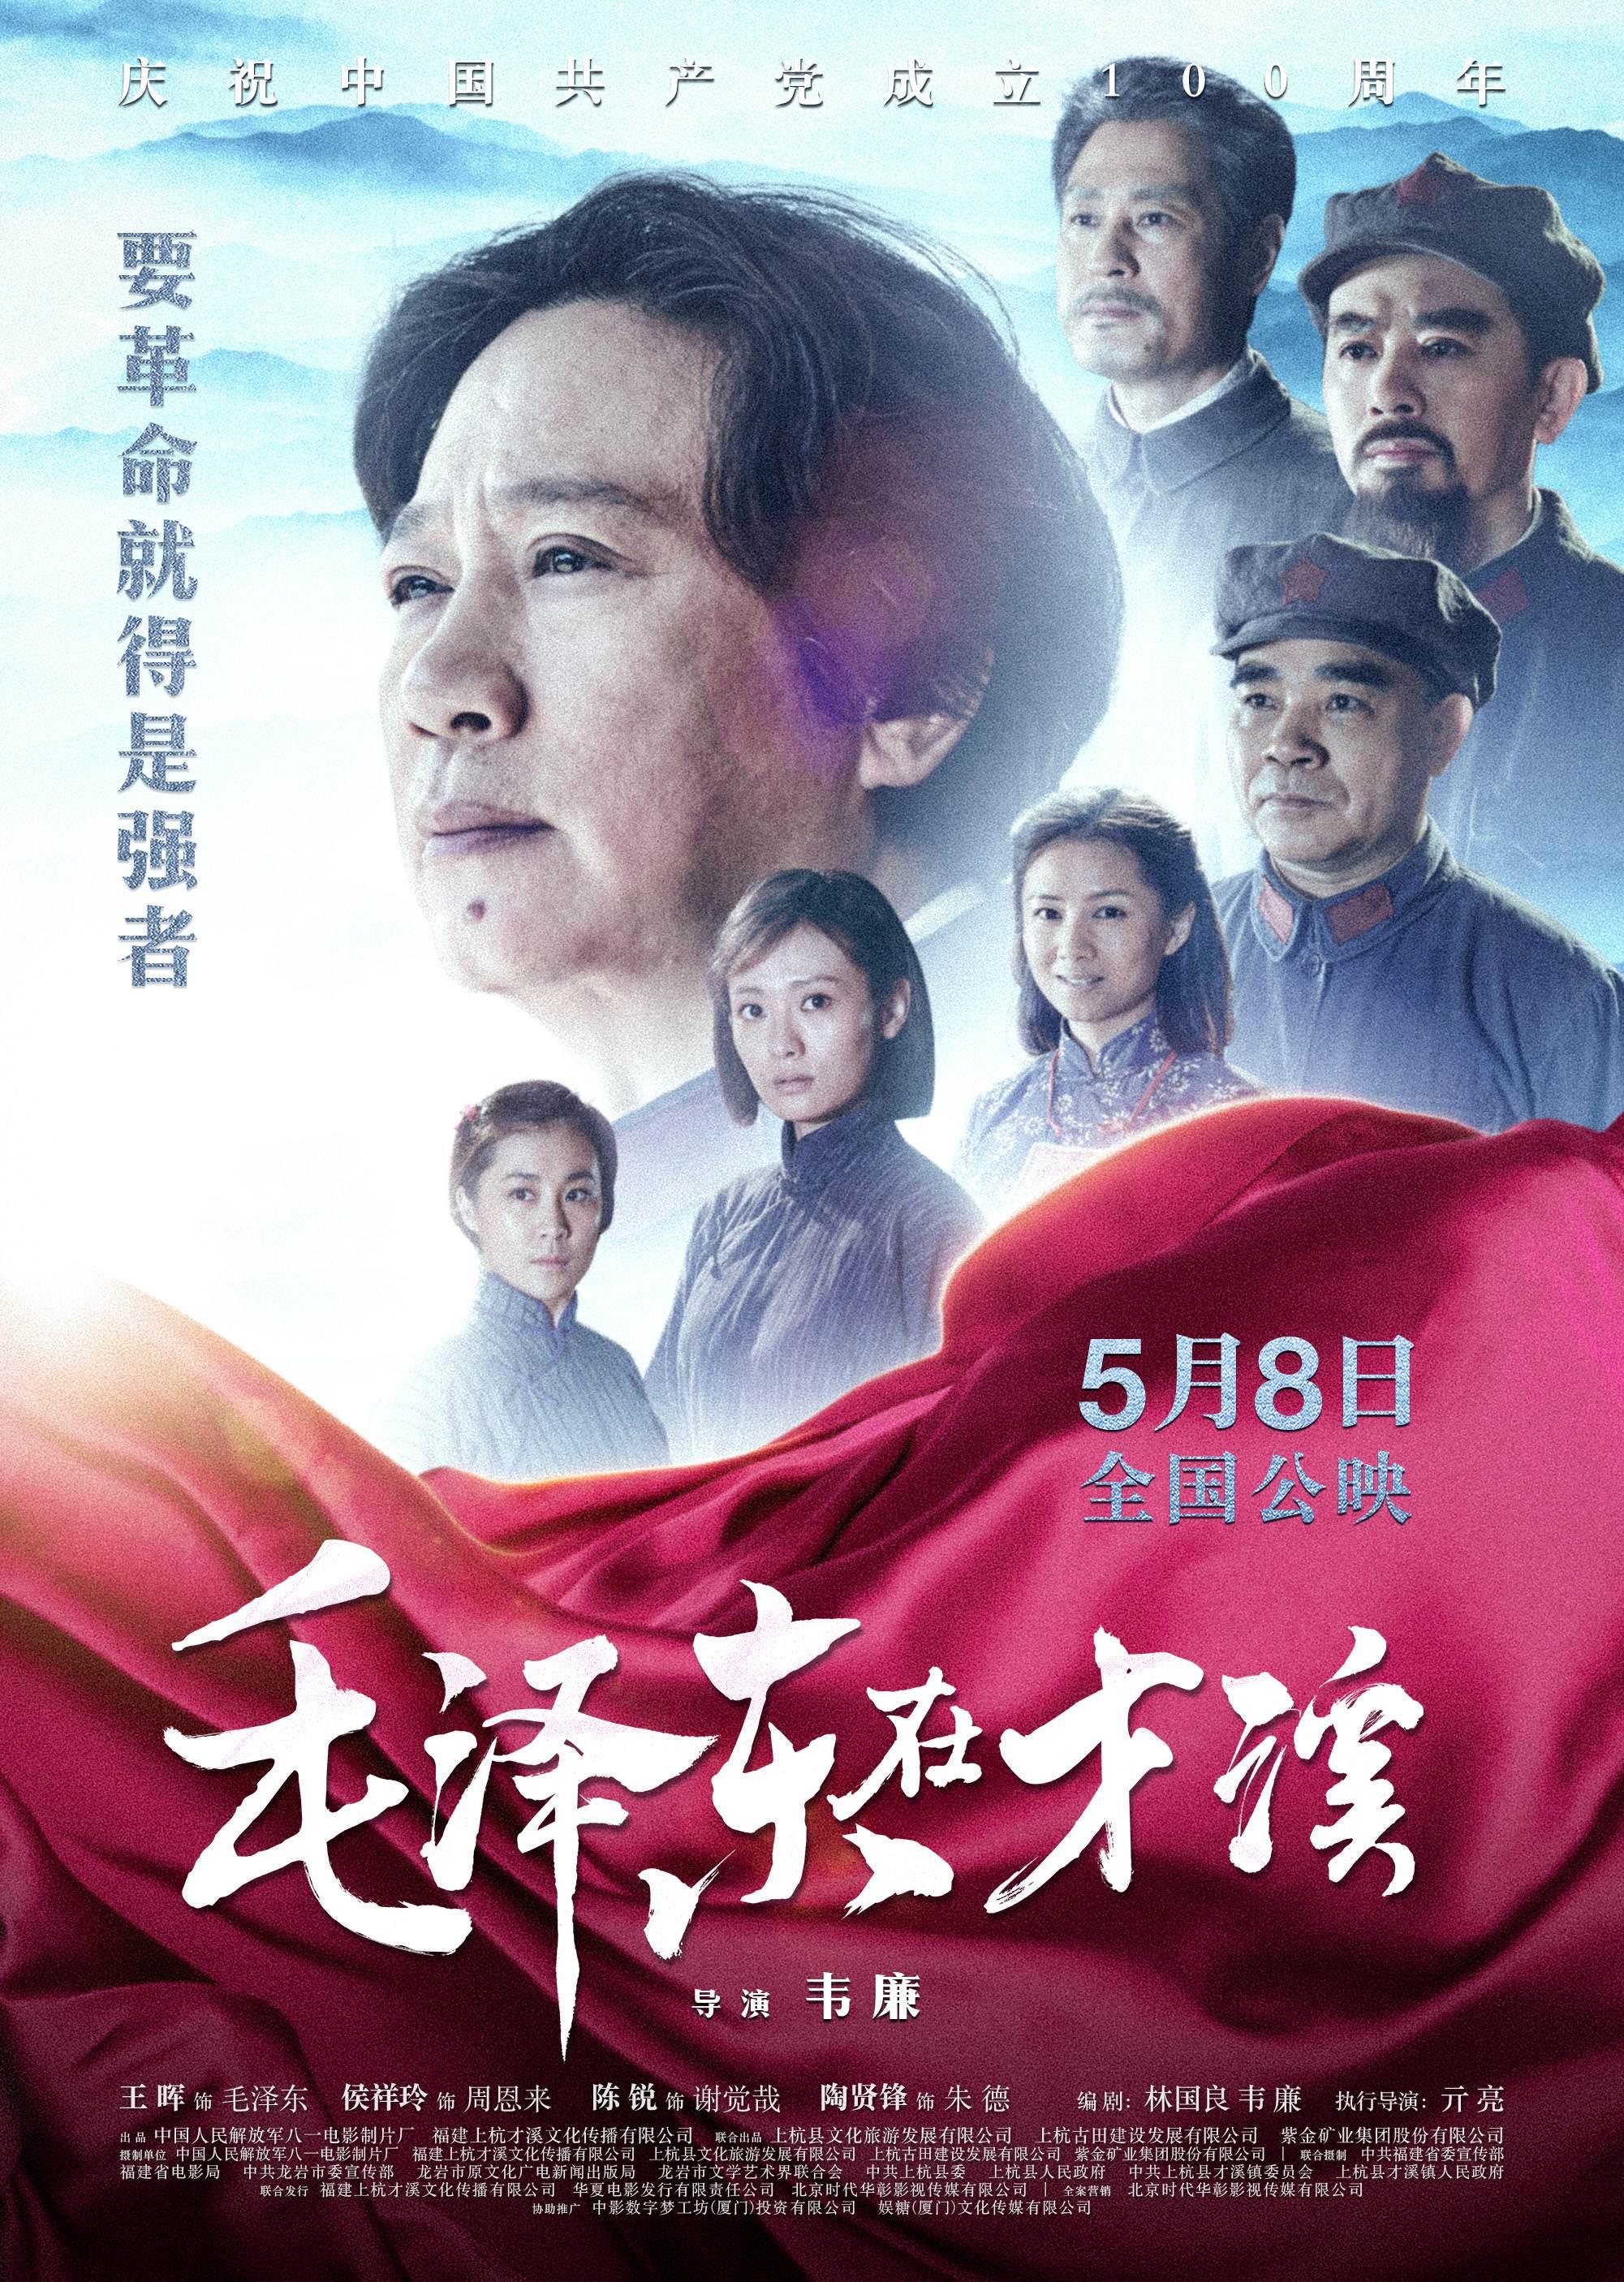 电影《毛泽东在才溪》发布终极海报预告 (2).jpg